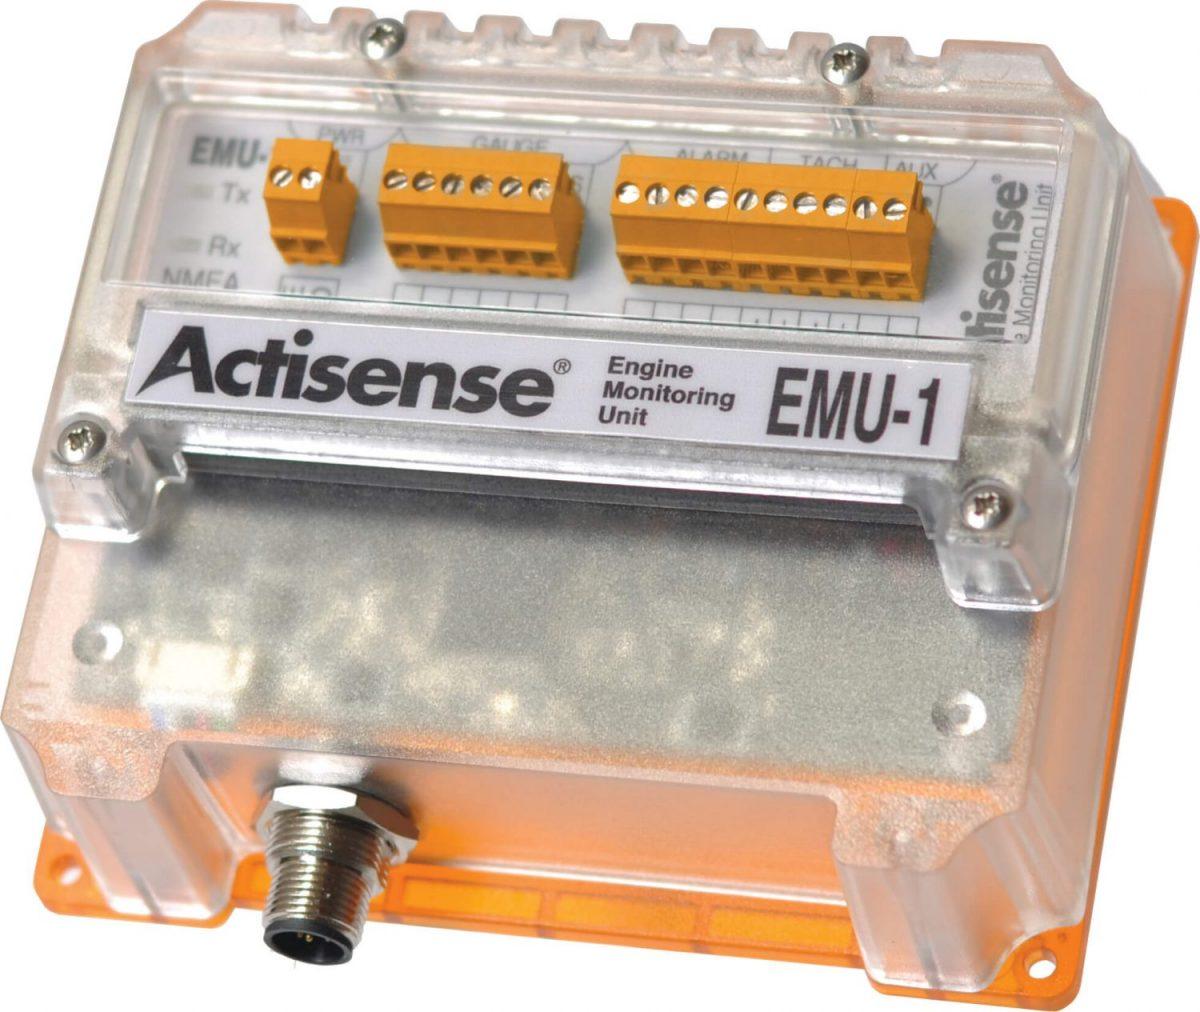 EMU-1 NMEA 2000® Engine Monitoring Unit